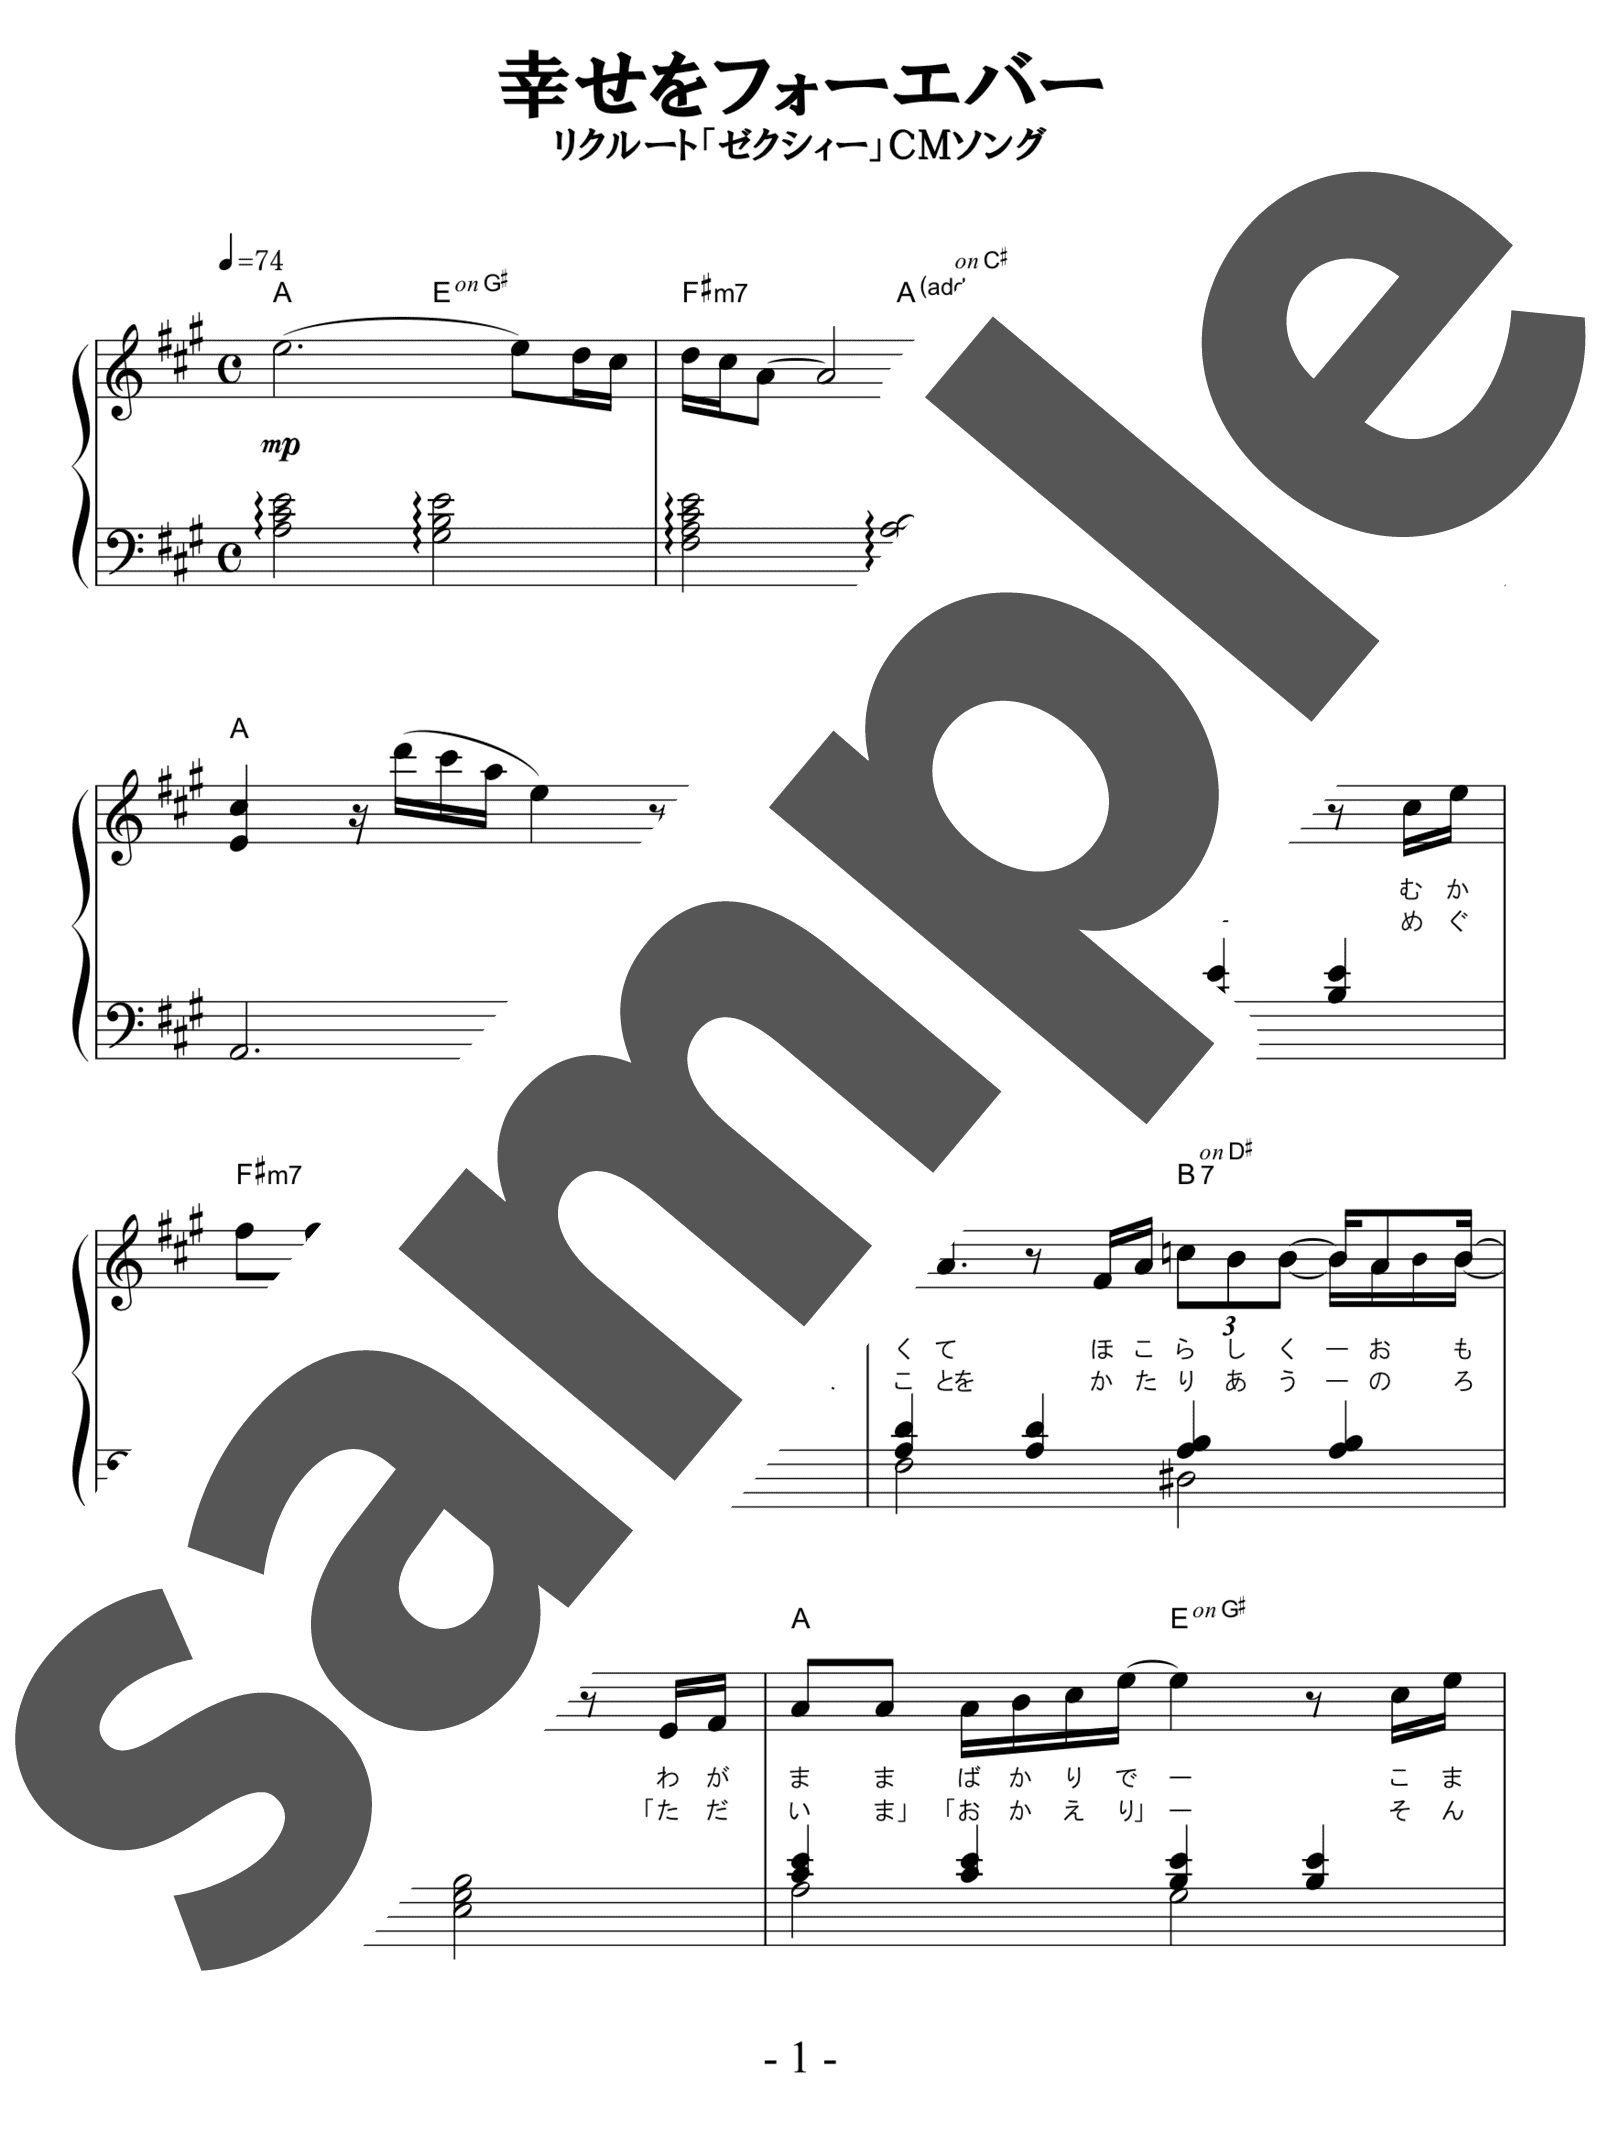 「幸せをフォーエバー」のサンプル楽譜